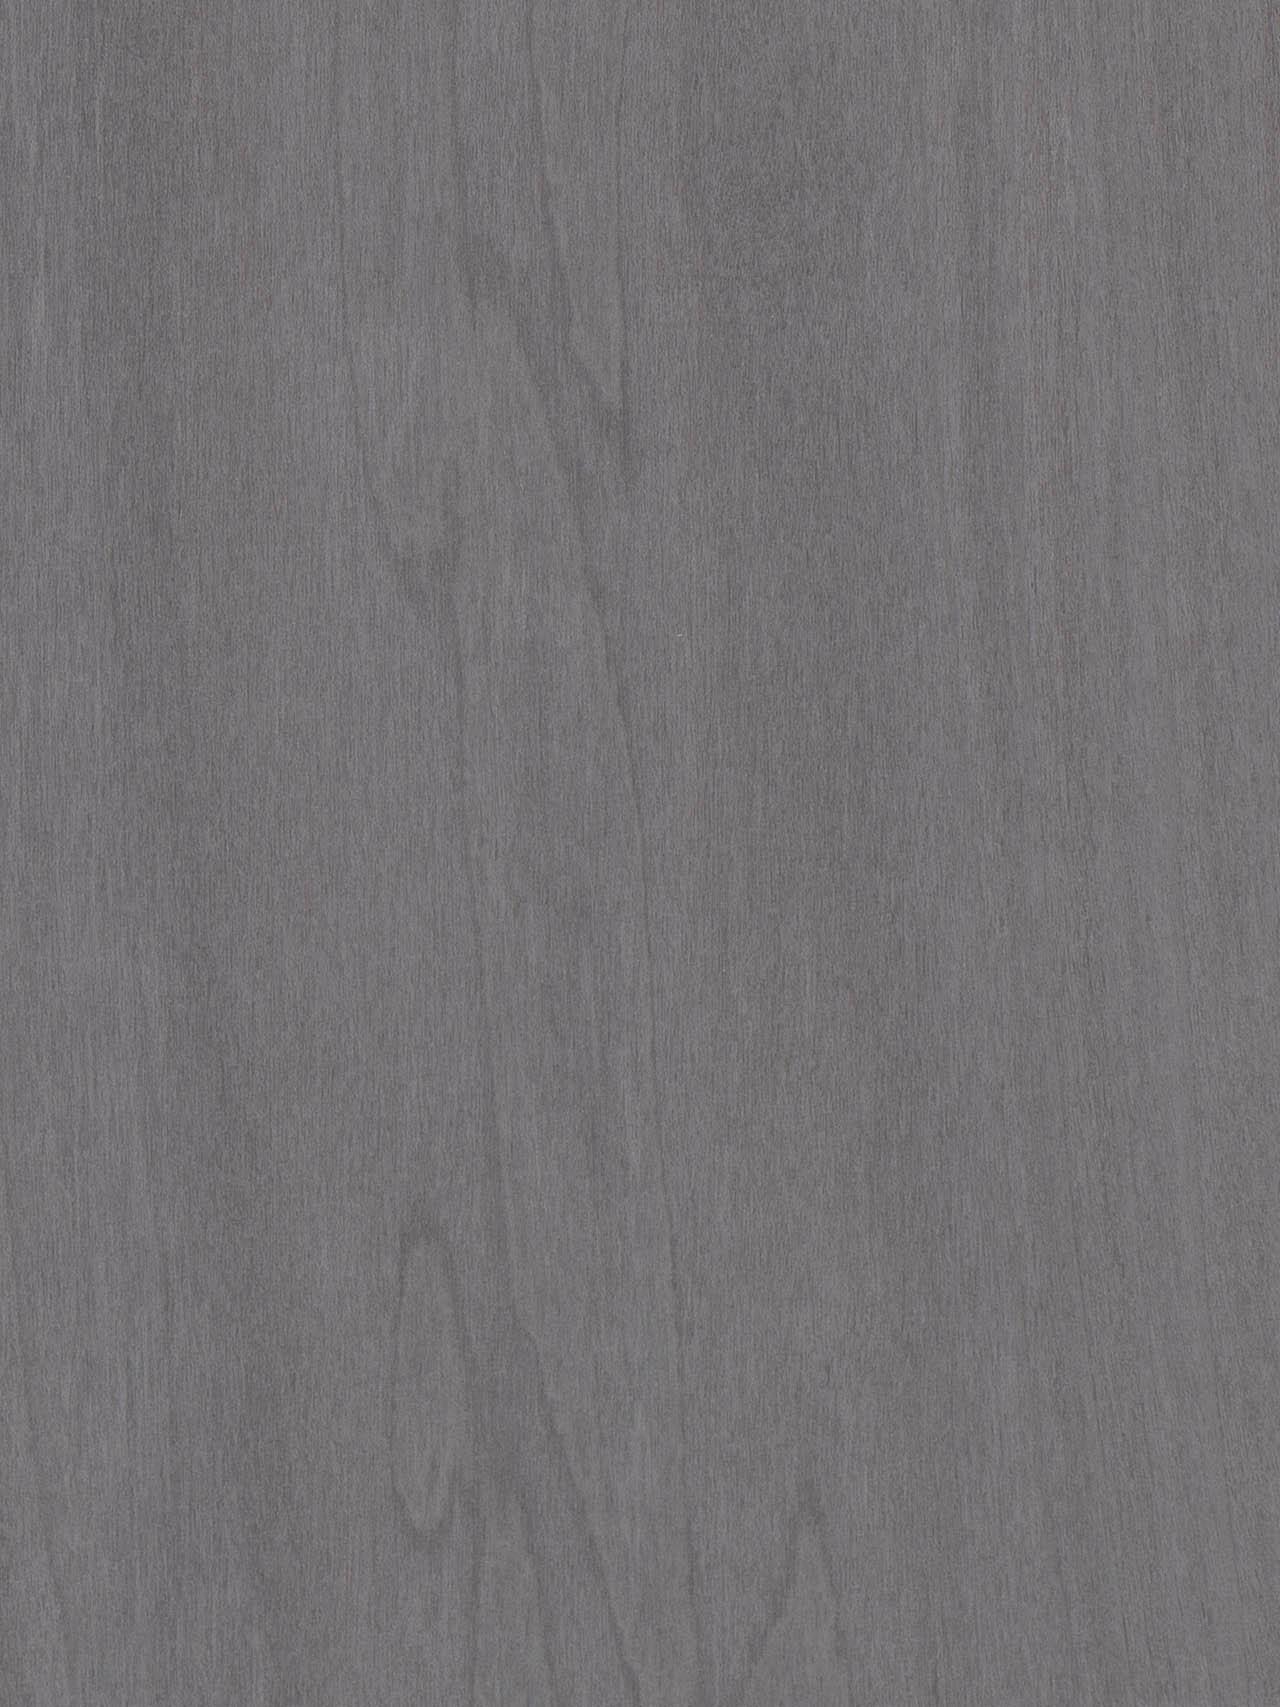 Chapa madera Tulipié Ceniza GBF100